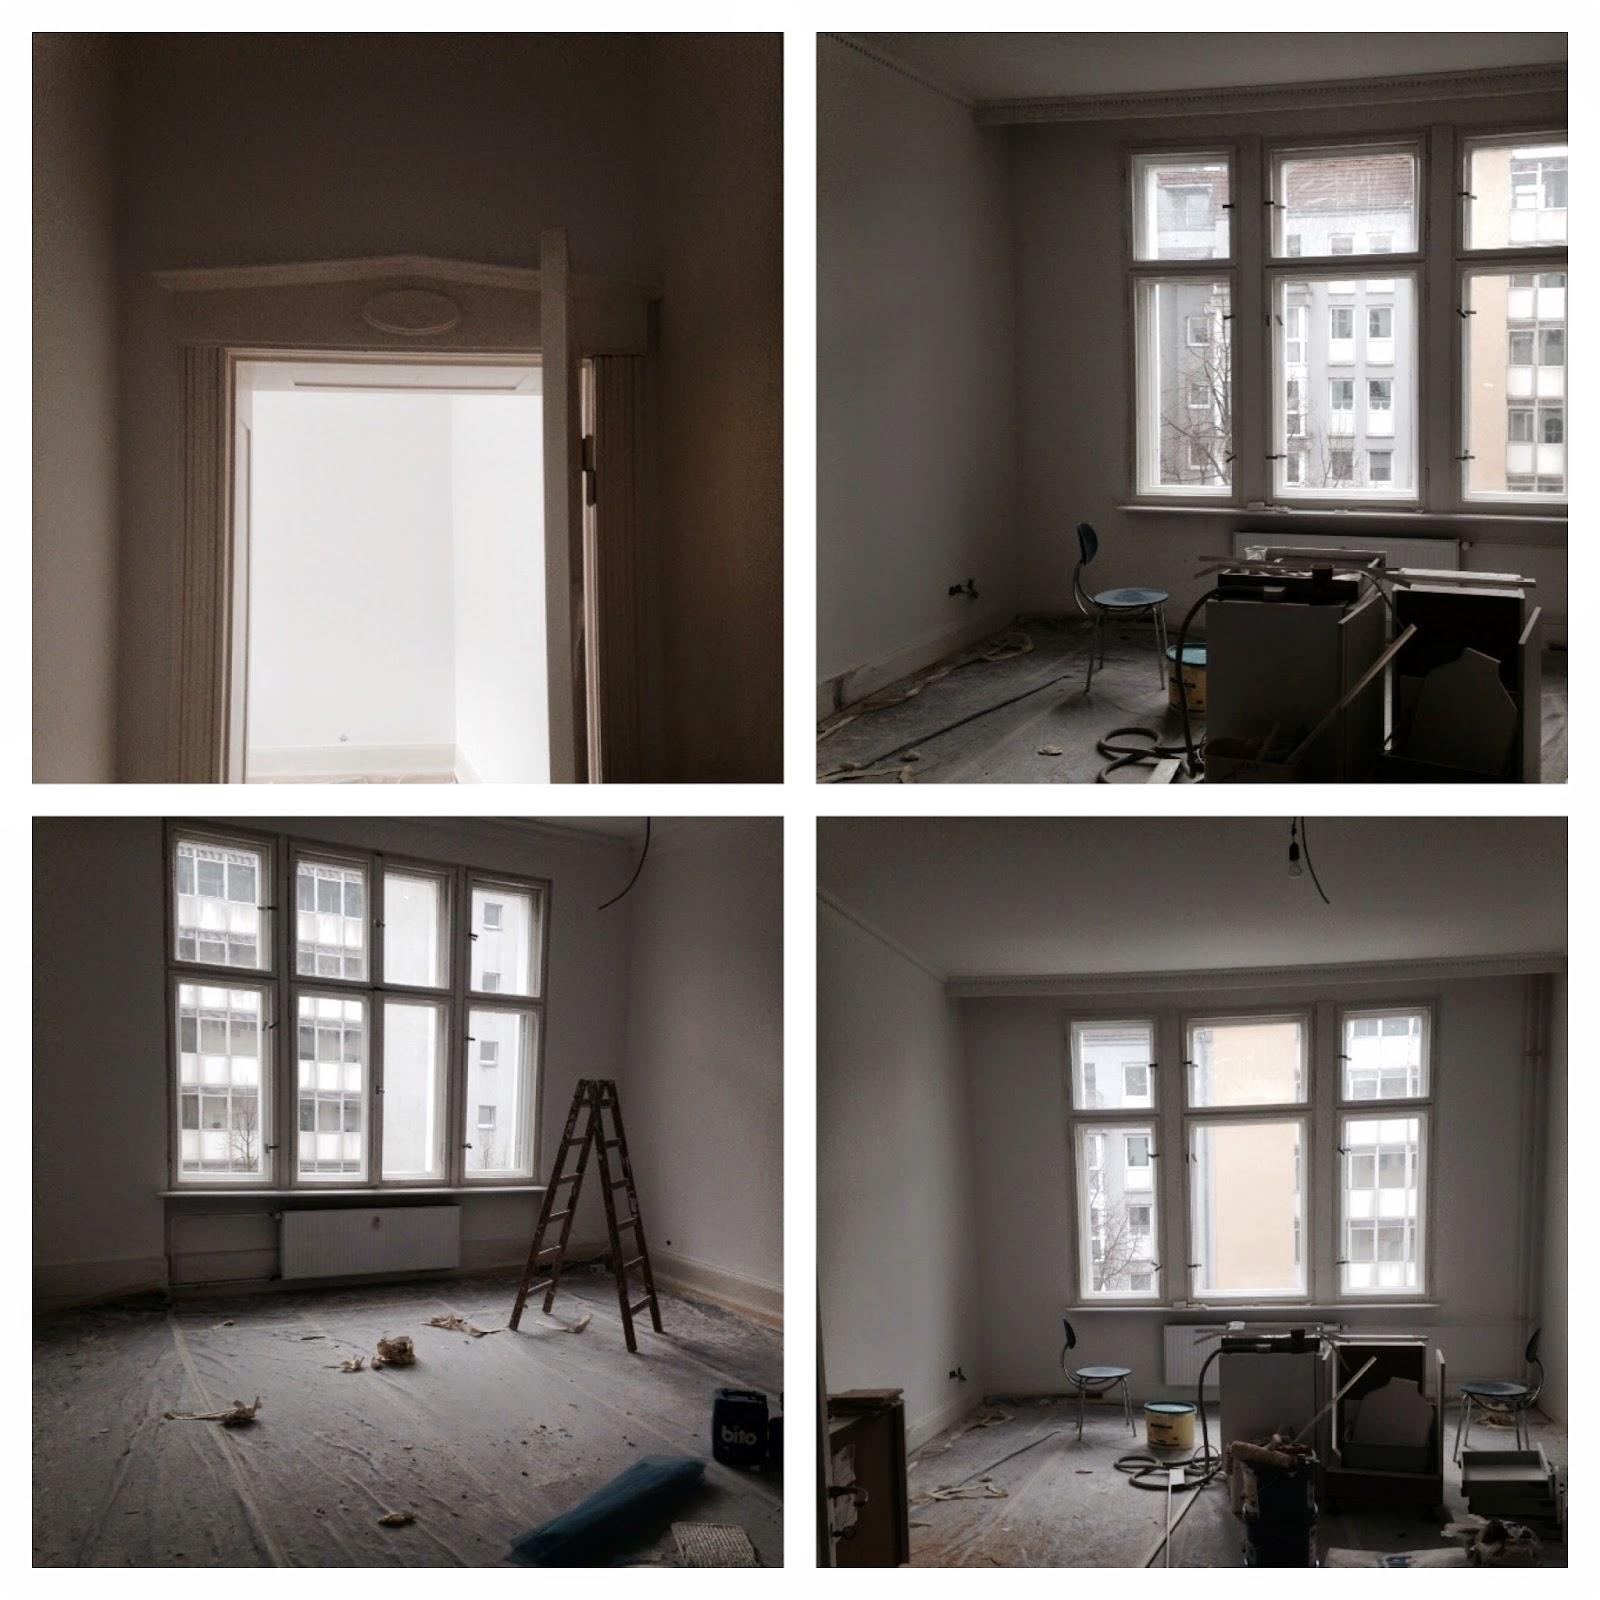 Lindisbigcitylights wohnungssuche in berlin die 2 for Wohnungssuche in